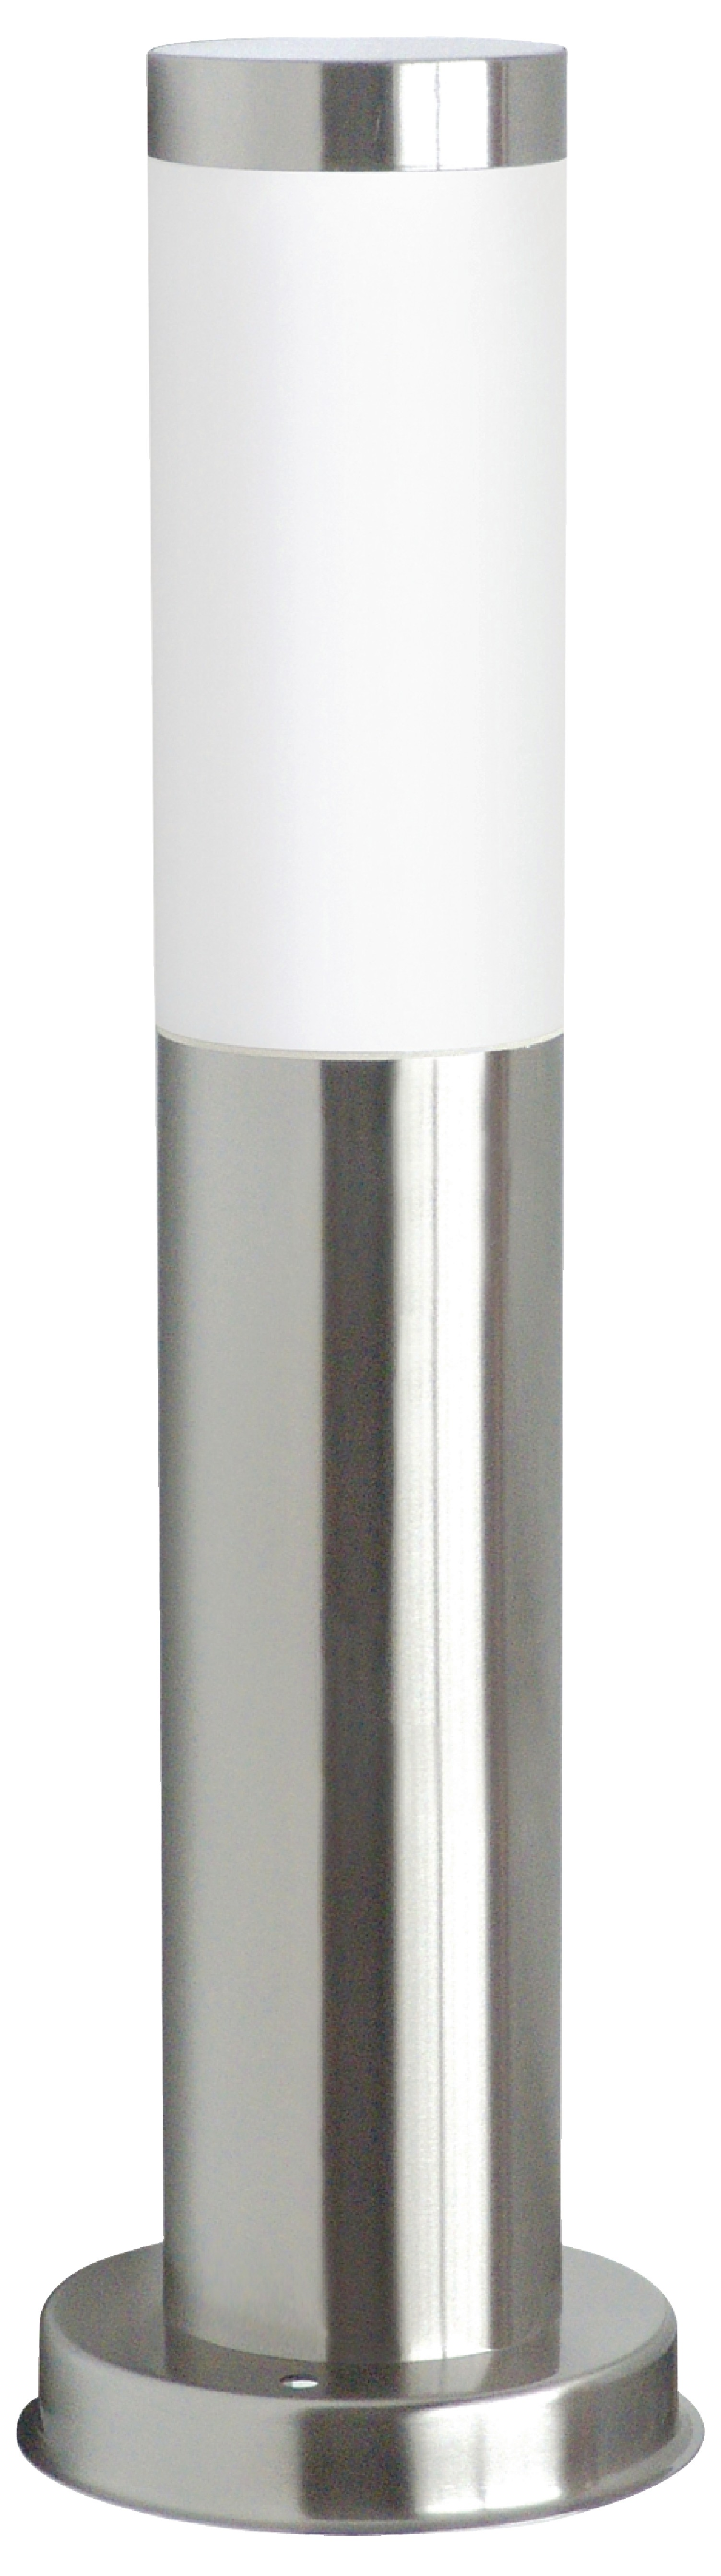 Venkovní sloupové svítidlo E27 Ranex RX1010-45